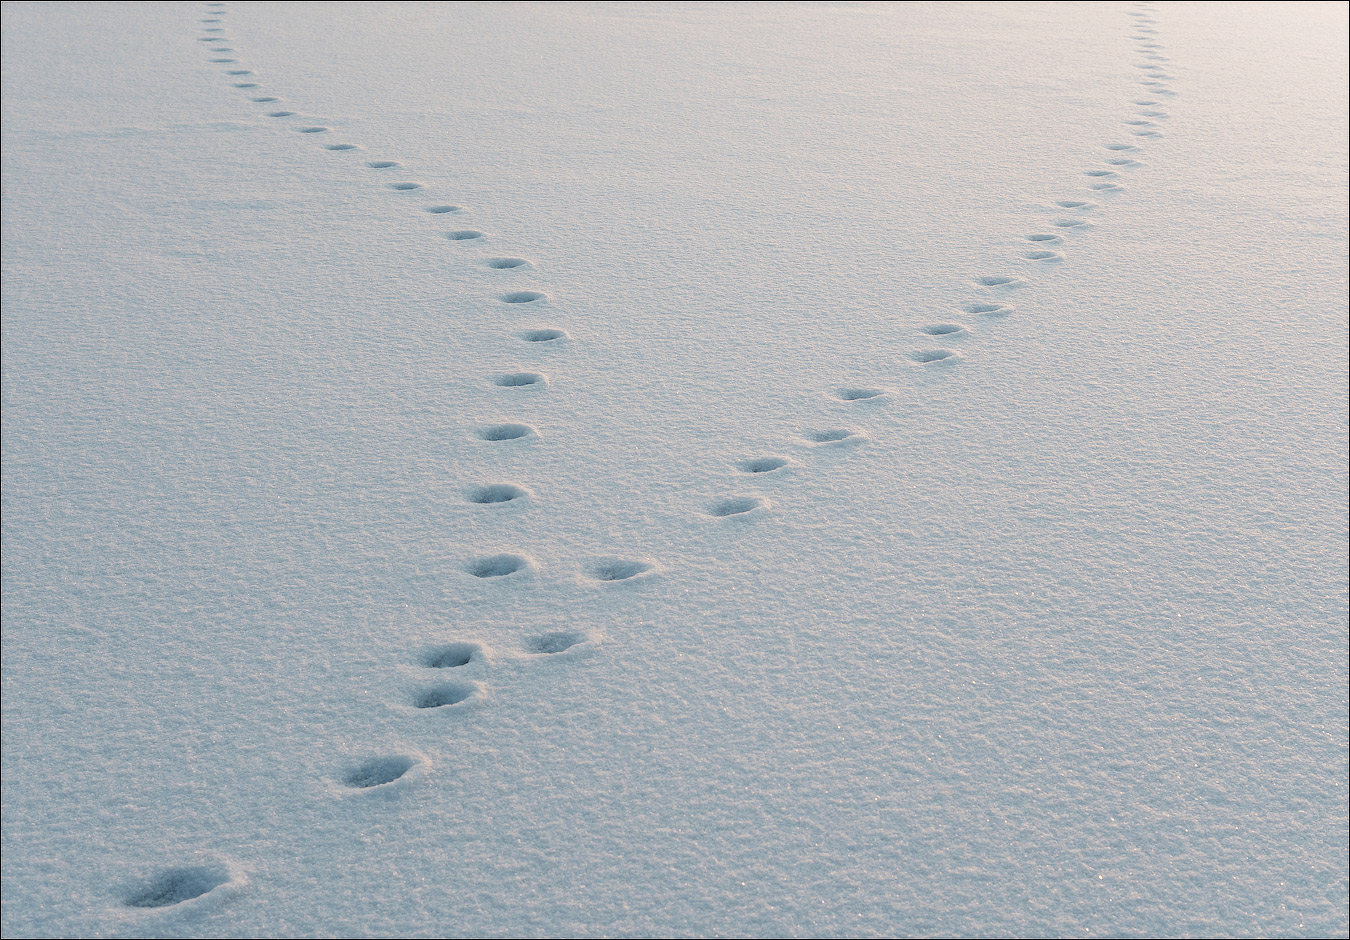 этом многом картинка снежные следы разных окрасов дополняет